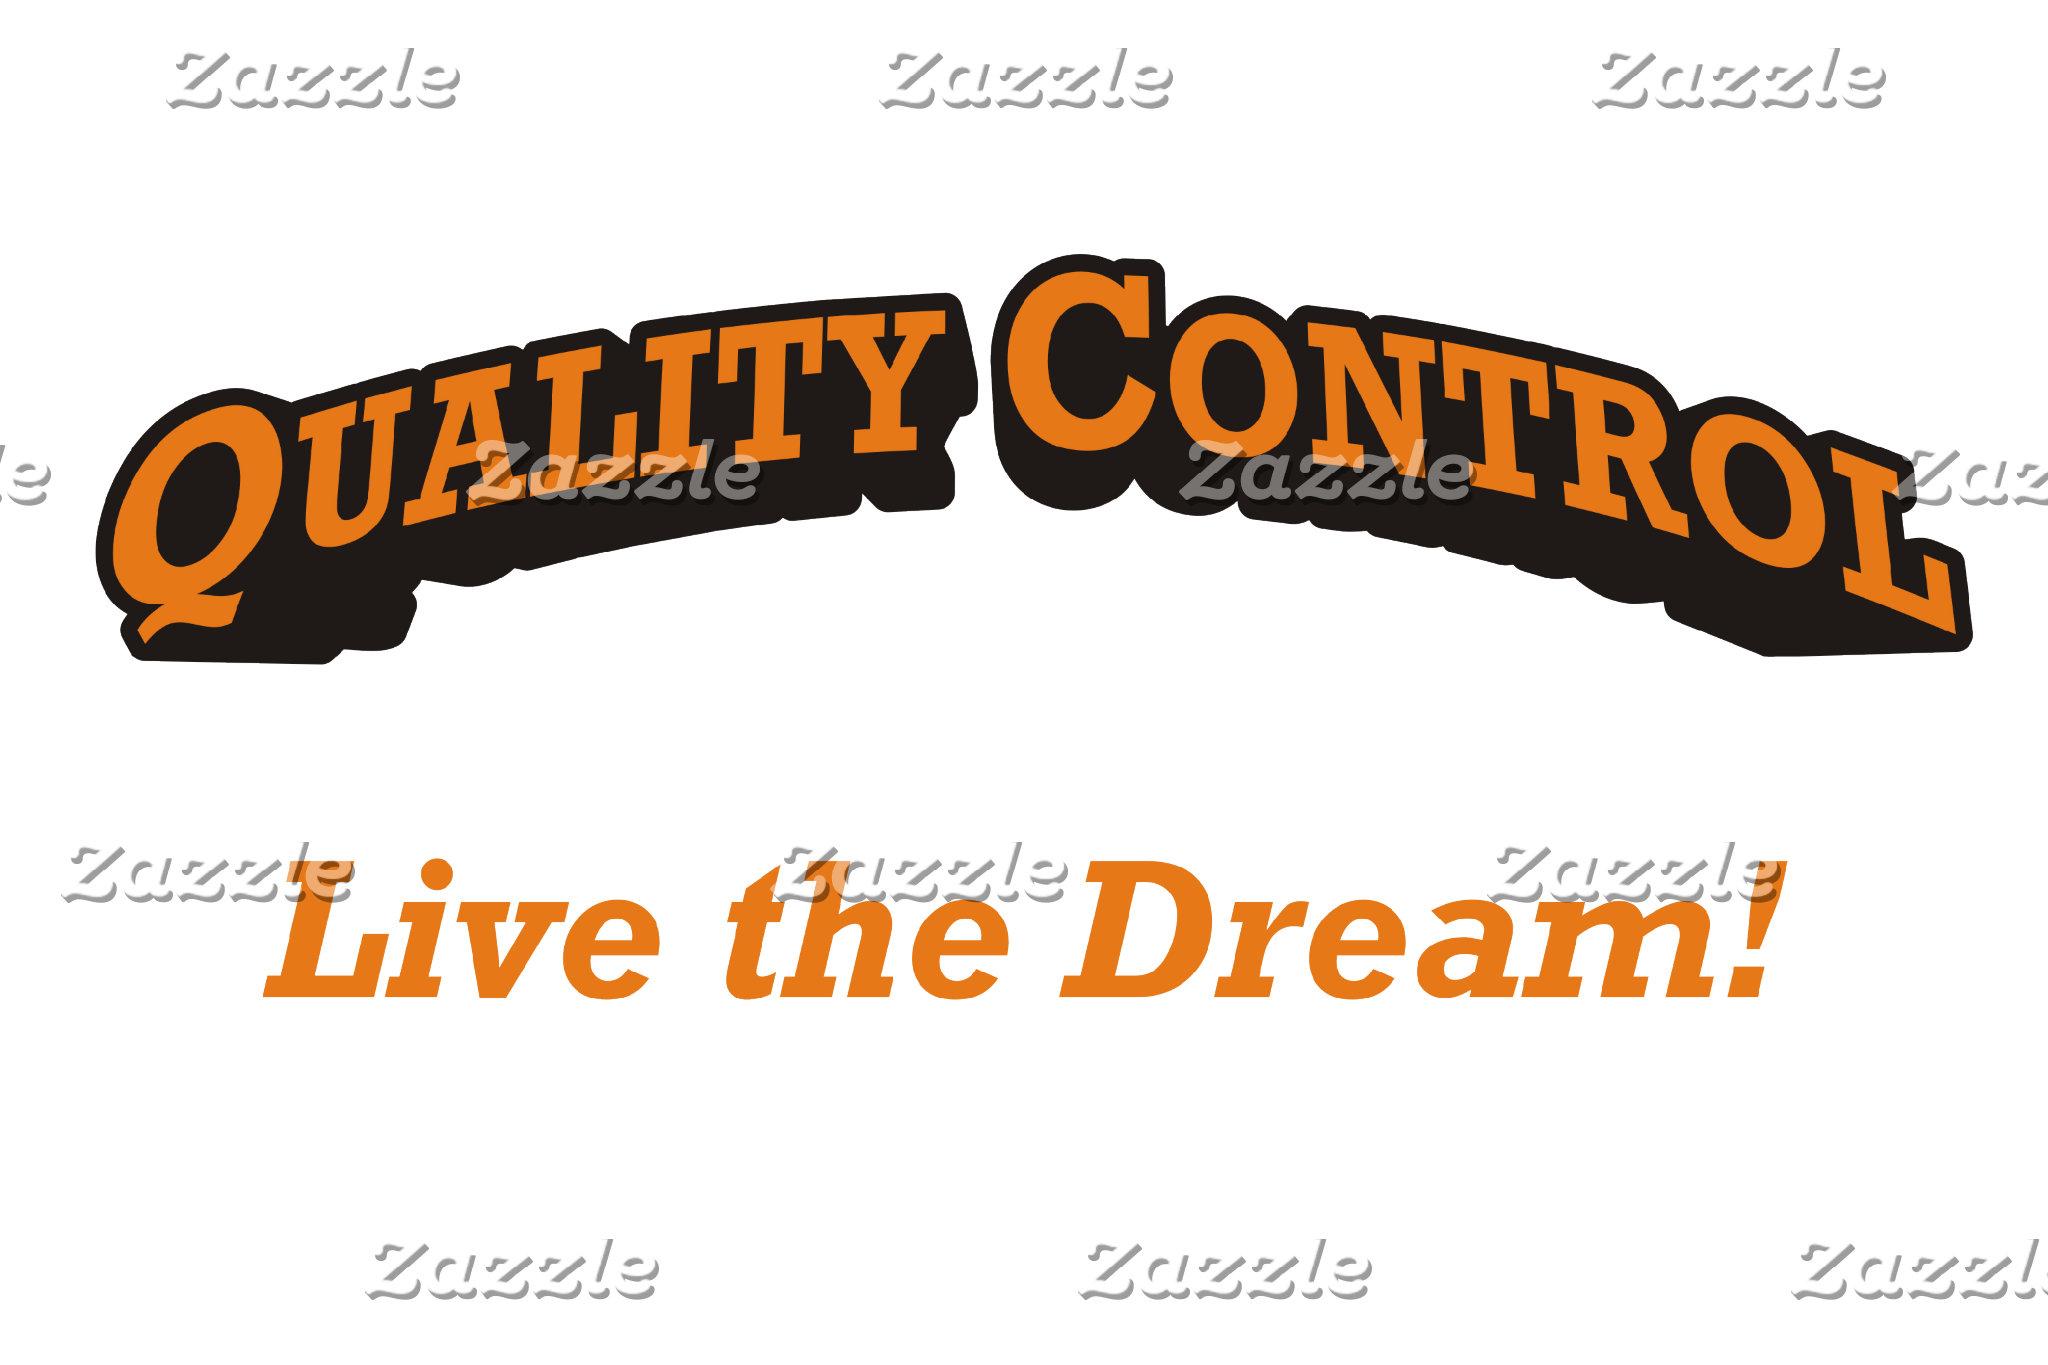 Quality Control / Dream